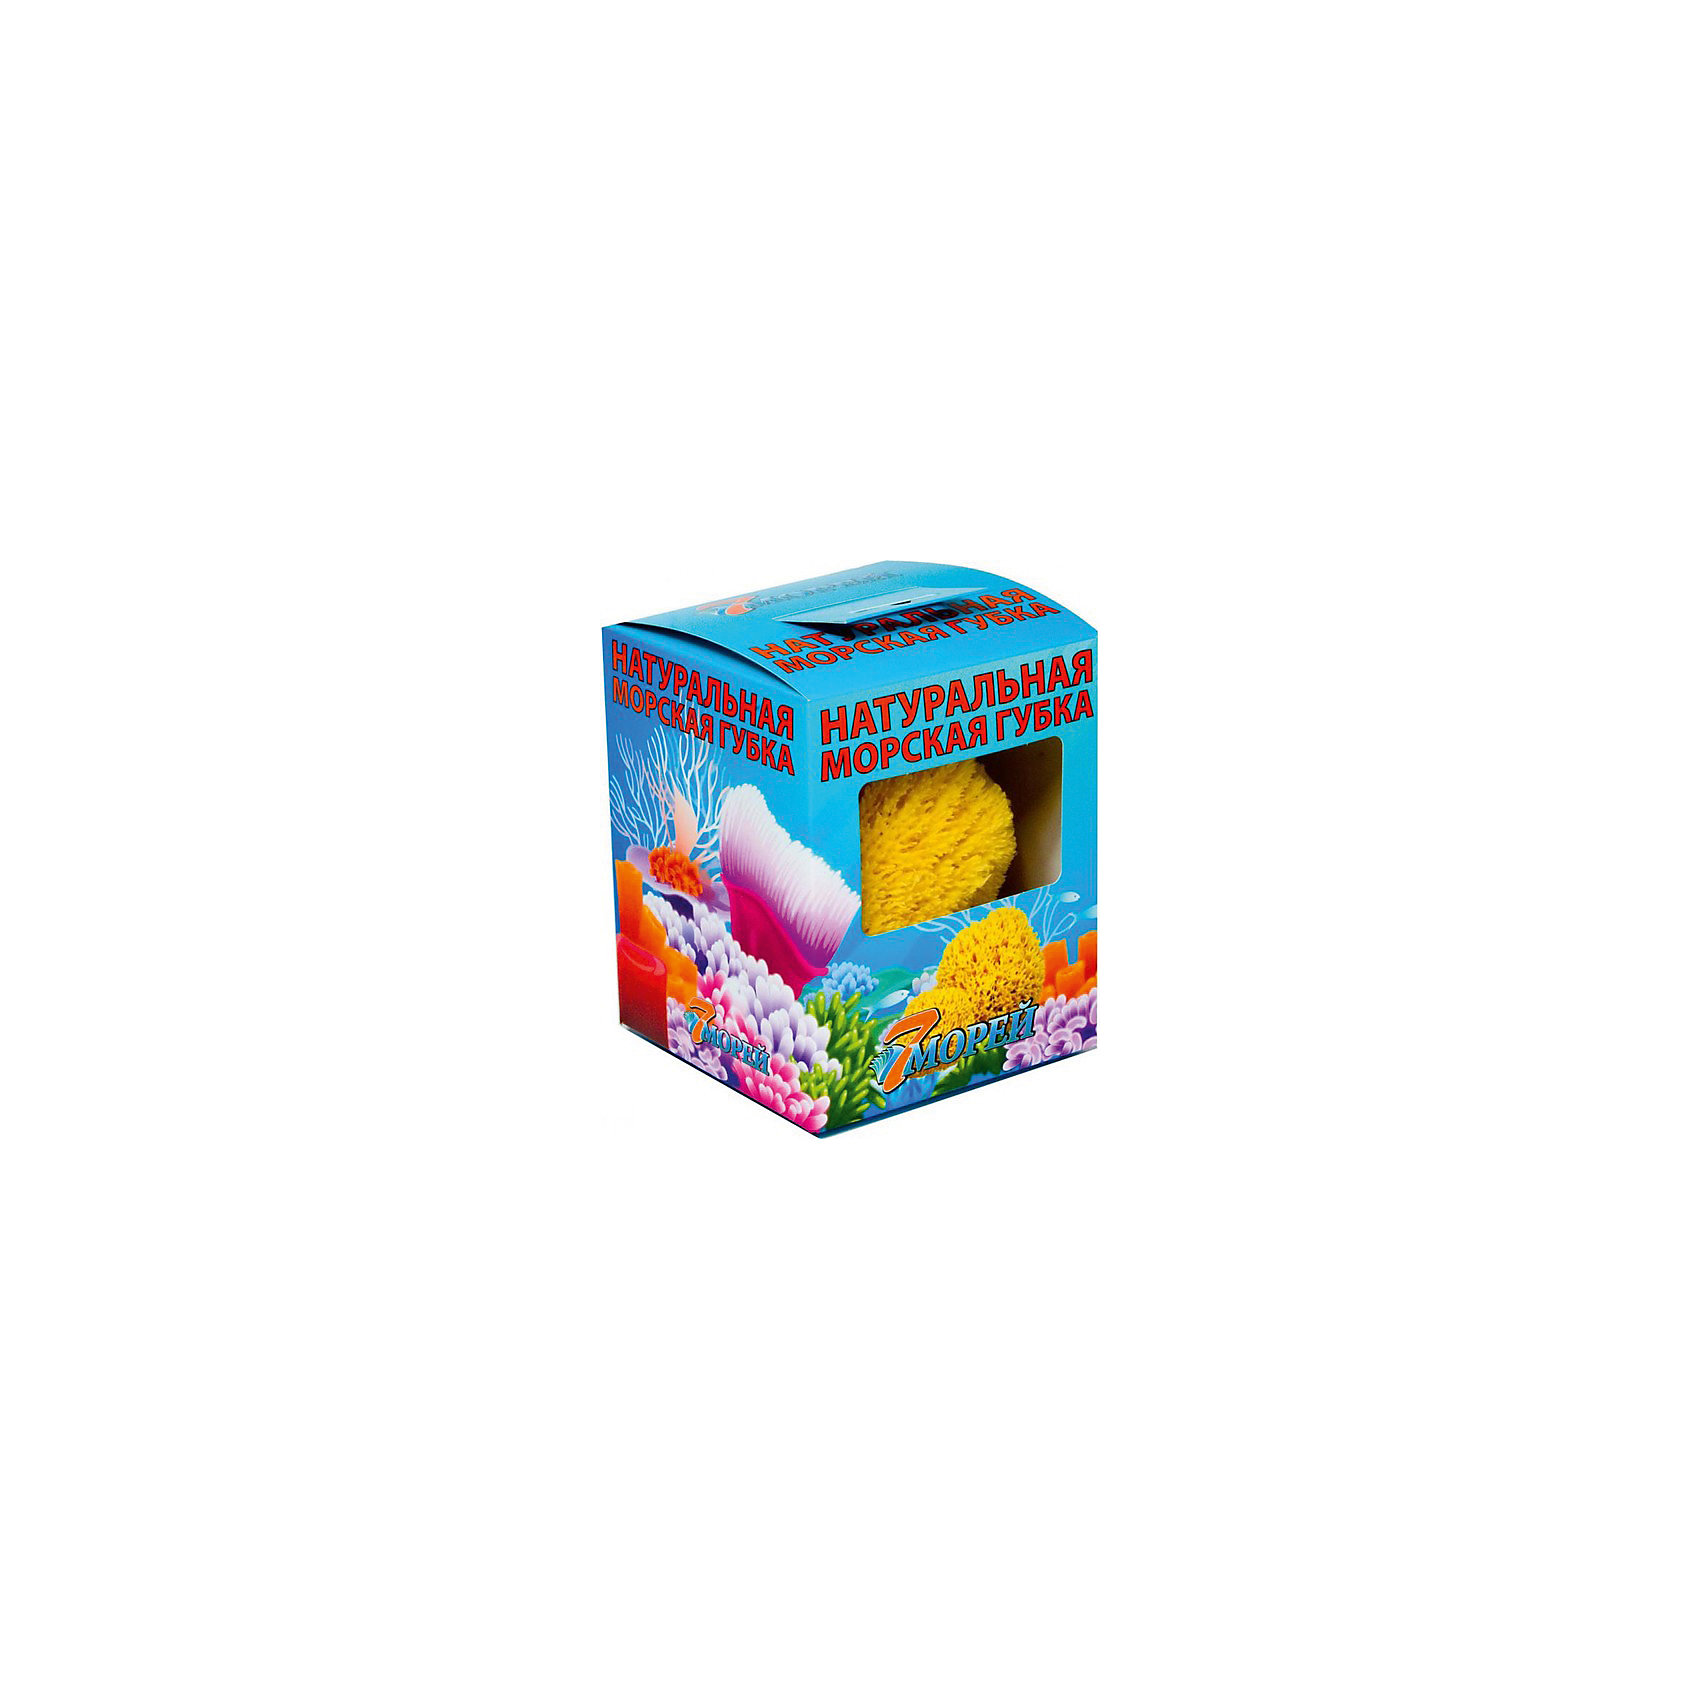 Губка натуральная морская детская в коробке (3.0 - 3.5 дюйма) Хард Тайп, 7 морейПолотенца, мочалки, халаты<br>Губка натуральная морская детская в коробке (3.0 - 3.5 дюйма) Хард Тайп, 7 морей - впустите атмосферу моря и отдыха в ваш дом! Эта особенная мягкая губка натурального происхождения имеет бактерицидные свойства и хорошо подойдет для мытья детей с момента появления на свет. Губка очень бережно и деликатно очищает нежную кожу, благотворно влияя на нее. Морская губка подойдет и родителям, она гипоаллергенна, не высушивает кожу и не провоцирует высыпаний. Пользуясь такой губочкой вы обеспечите более полную чистоту и сэкономите используемое средство для очищения кожи. Такие губки не любят воду очень высокой температуры. Производители не советуют сушку под прямыми солнечными лучами, хранение губки в шапочках для плавания или полиэтиленовых пакетах, а также отжим путем скручивая. Рекомендуется хорошо помыть губку мягким моющим мылом и аккуратно выжать воду.<br><br>Дополнительная информация:<br>- Размер:  примерно 8 * 8 см.<br>- Упакована в коробочку<br><br>Губку натуральную морскую детскую в коробке (3.0 - 3.5 дюйма) Хард Тайп, 7 морей можно купить в нашем интернет-магазине.<br>Подробнее:<br>• Для детей в возрасте: от 0 лет<br>• Номер товара: 5008283 <br>Страна производитель: Российская Федерация<br><br>Ширина мм: 100<br>Глубина мм: 100<br>Высота мм: 50<br>Вес г: 100<br>Возраст от месяцев: 0<br>Возраст до месяцев: 36<br>Пол: Унисекс<br>Возраст: Детский<br>SKU: 5008283